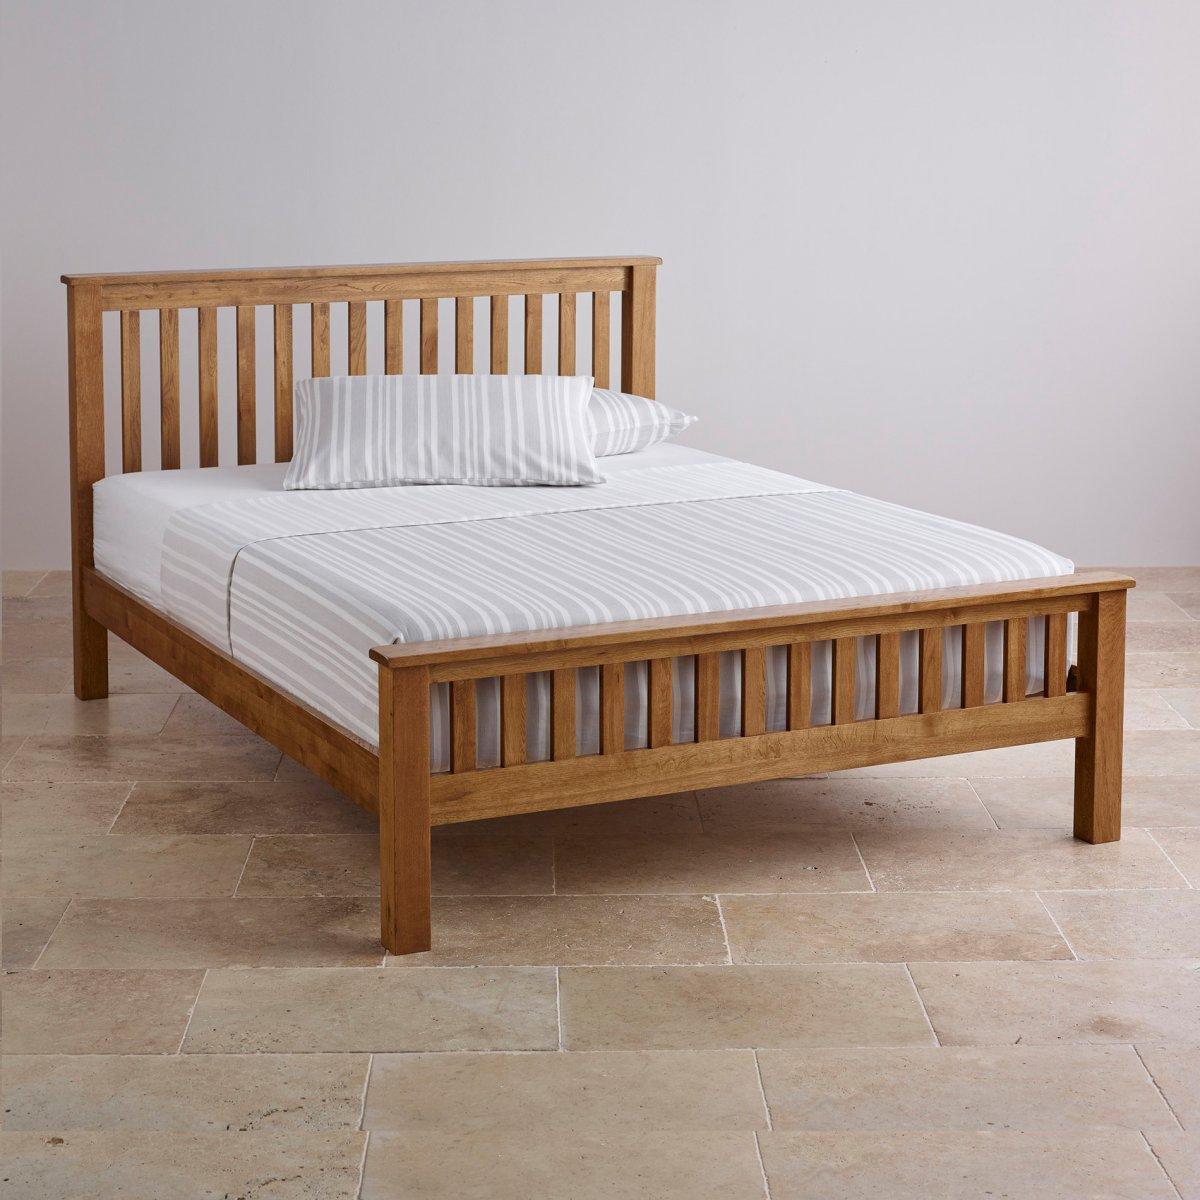 Original Rustic Double Bed In Solid Oak